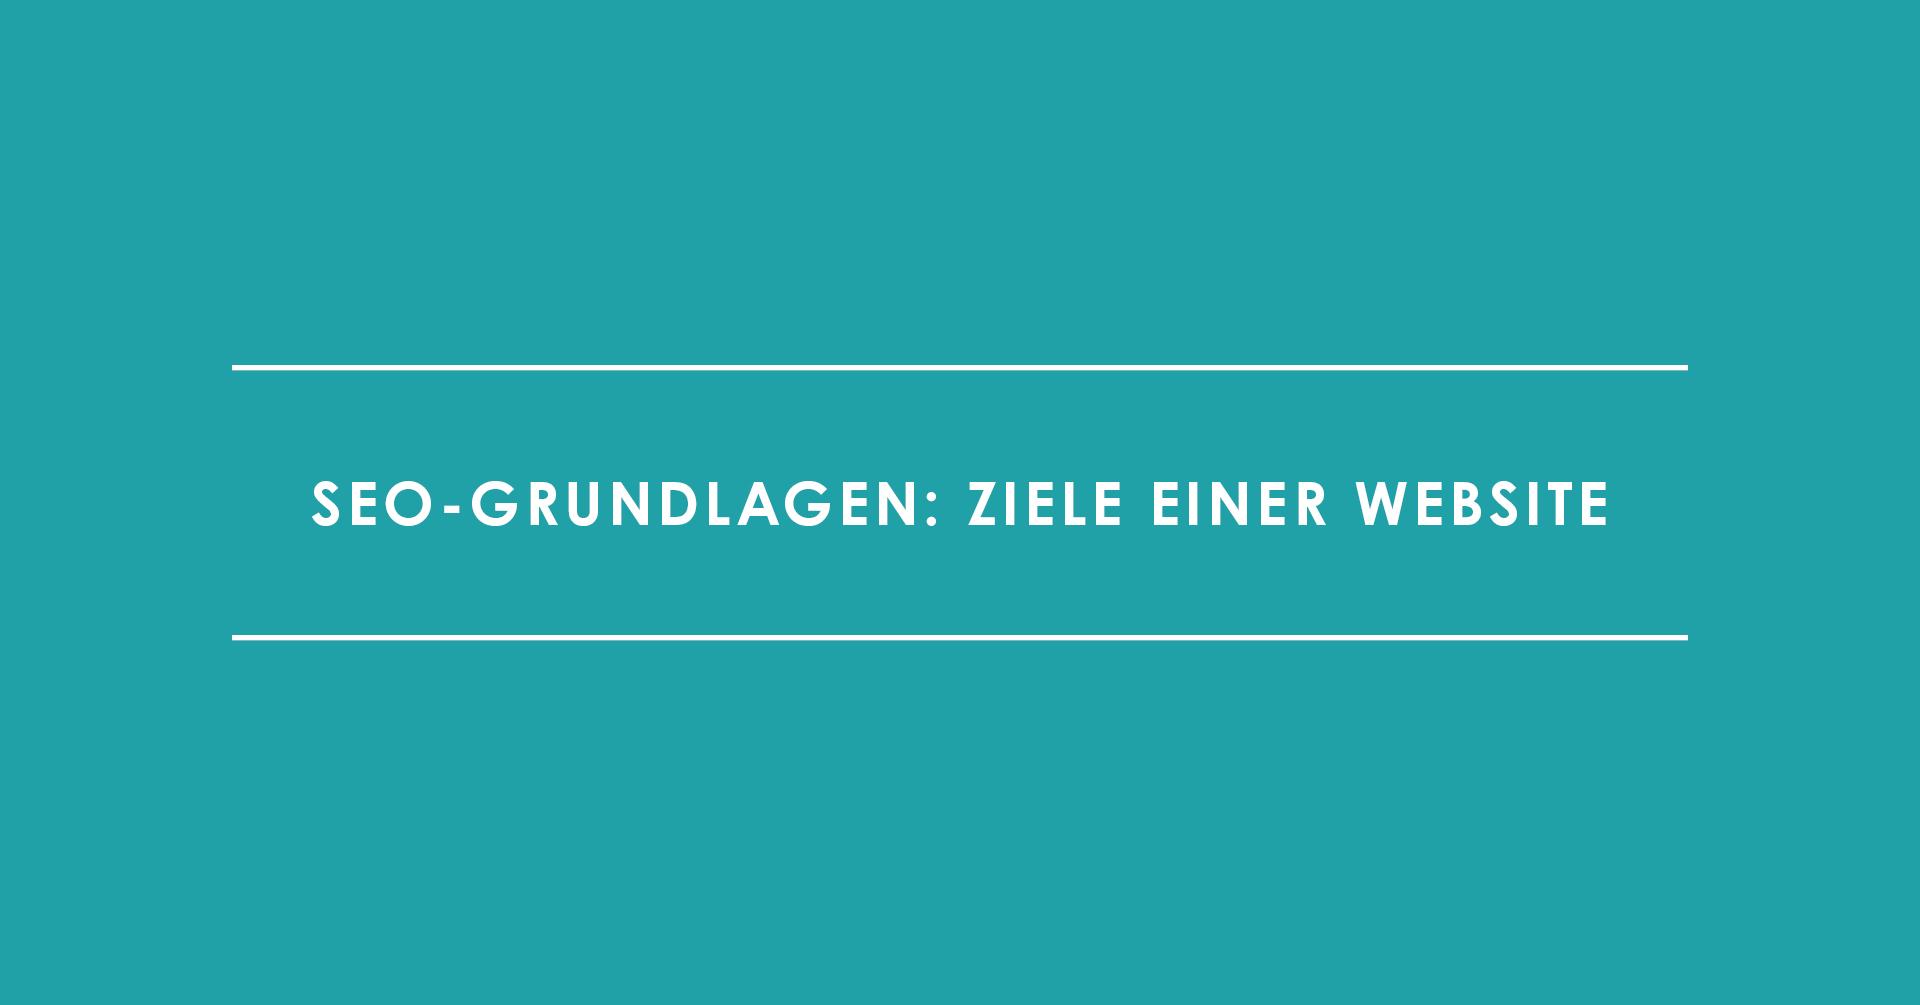 SEO-Grundlagen: Ziele einer Website